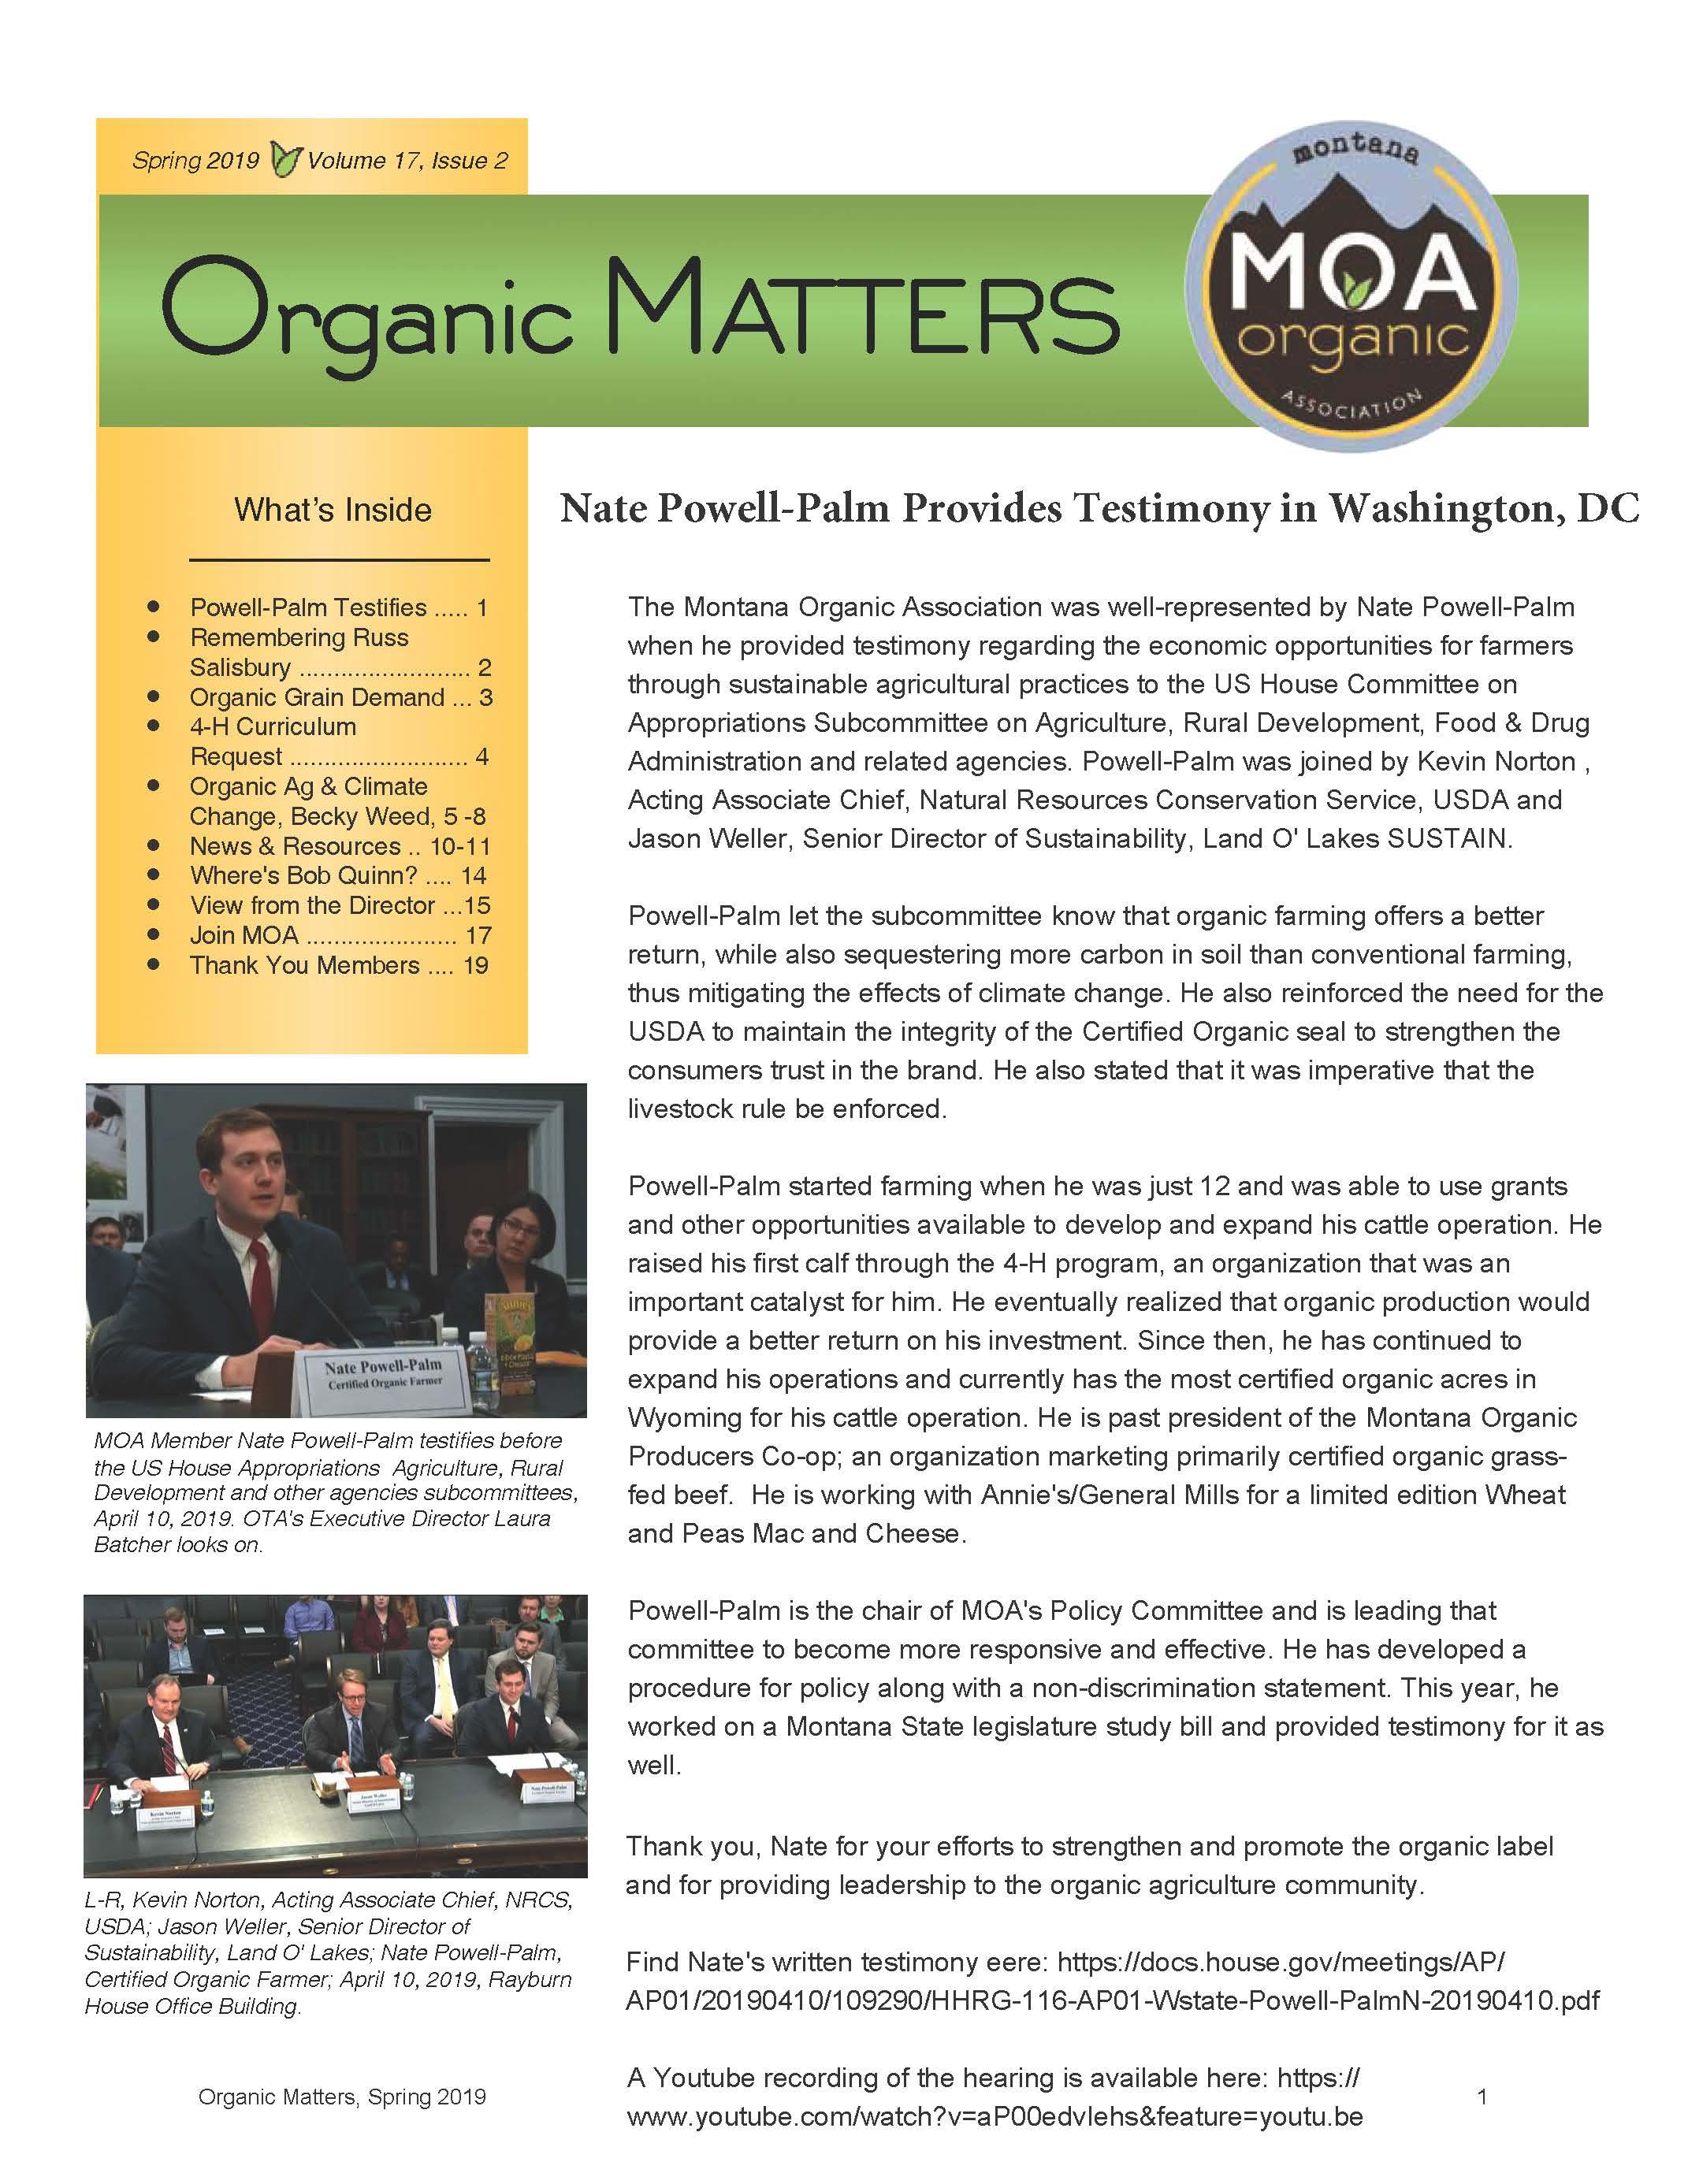 Organic Matters Spring 2019